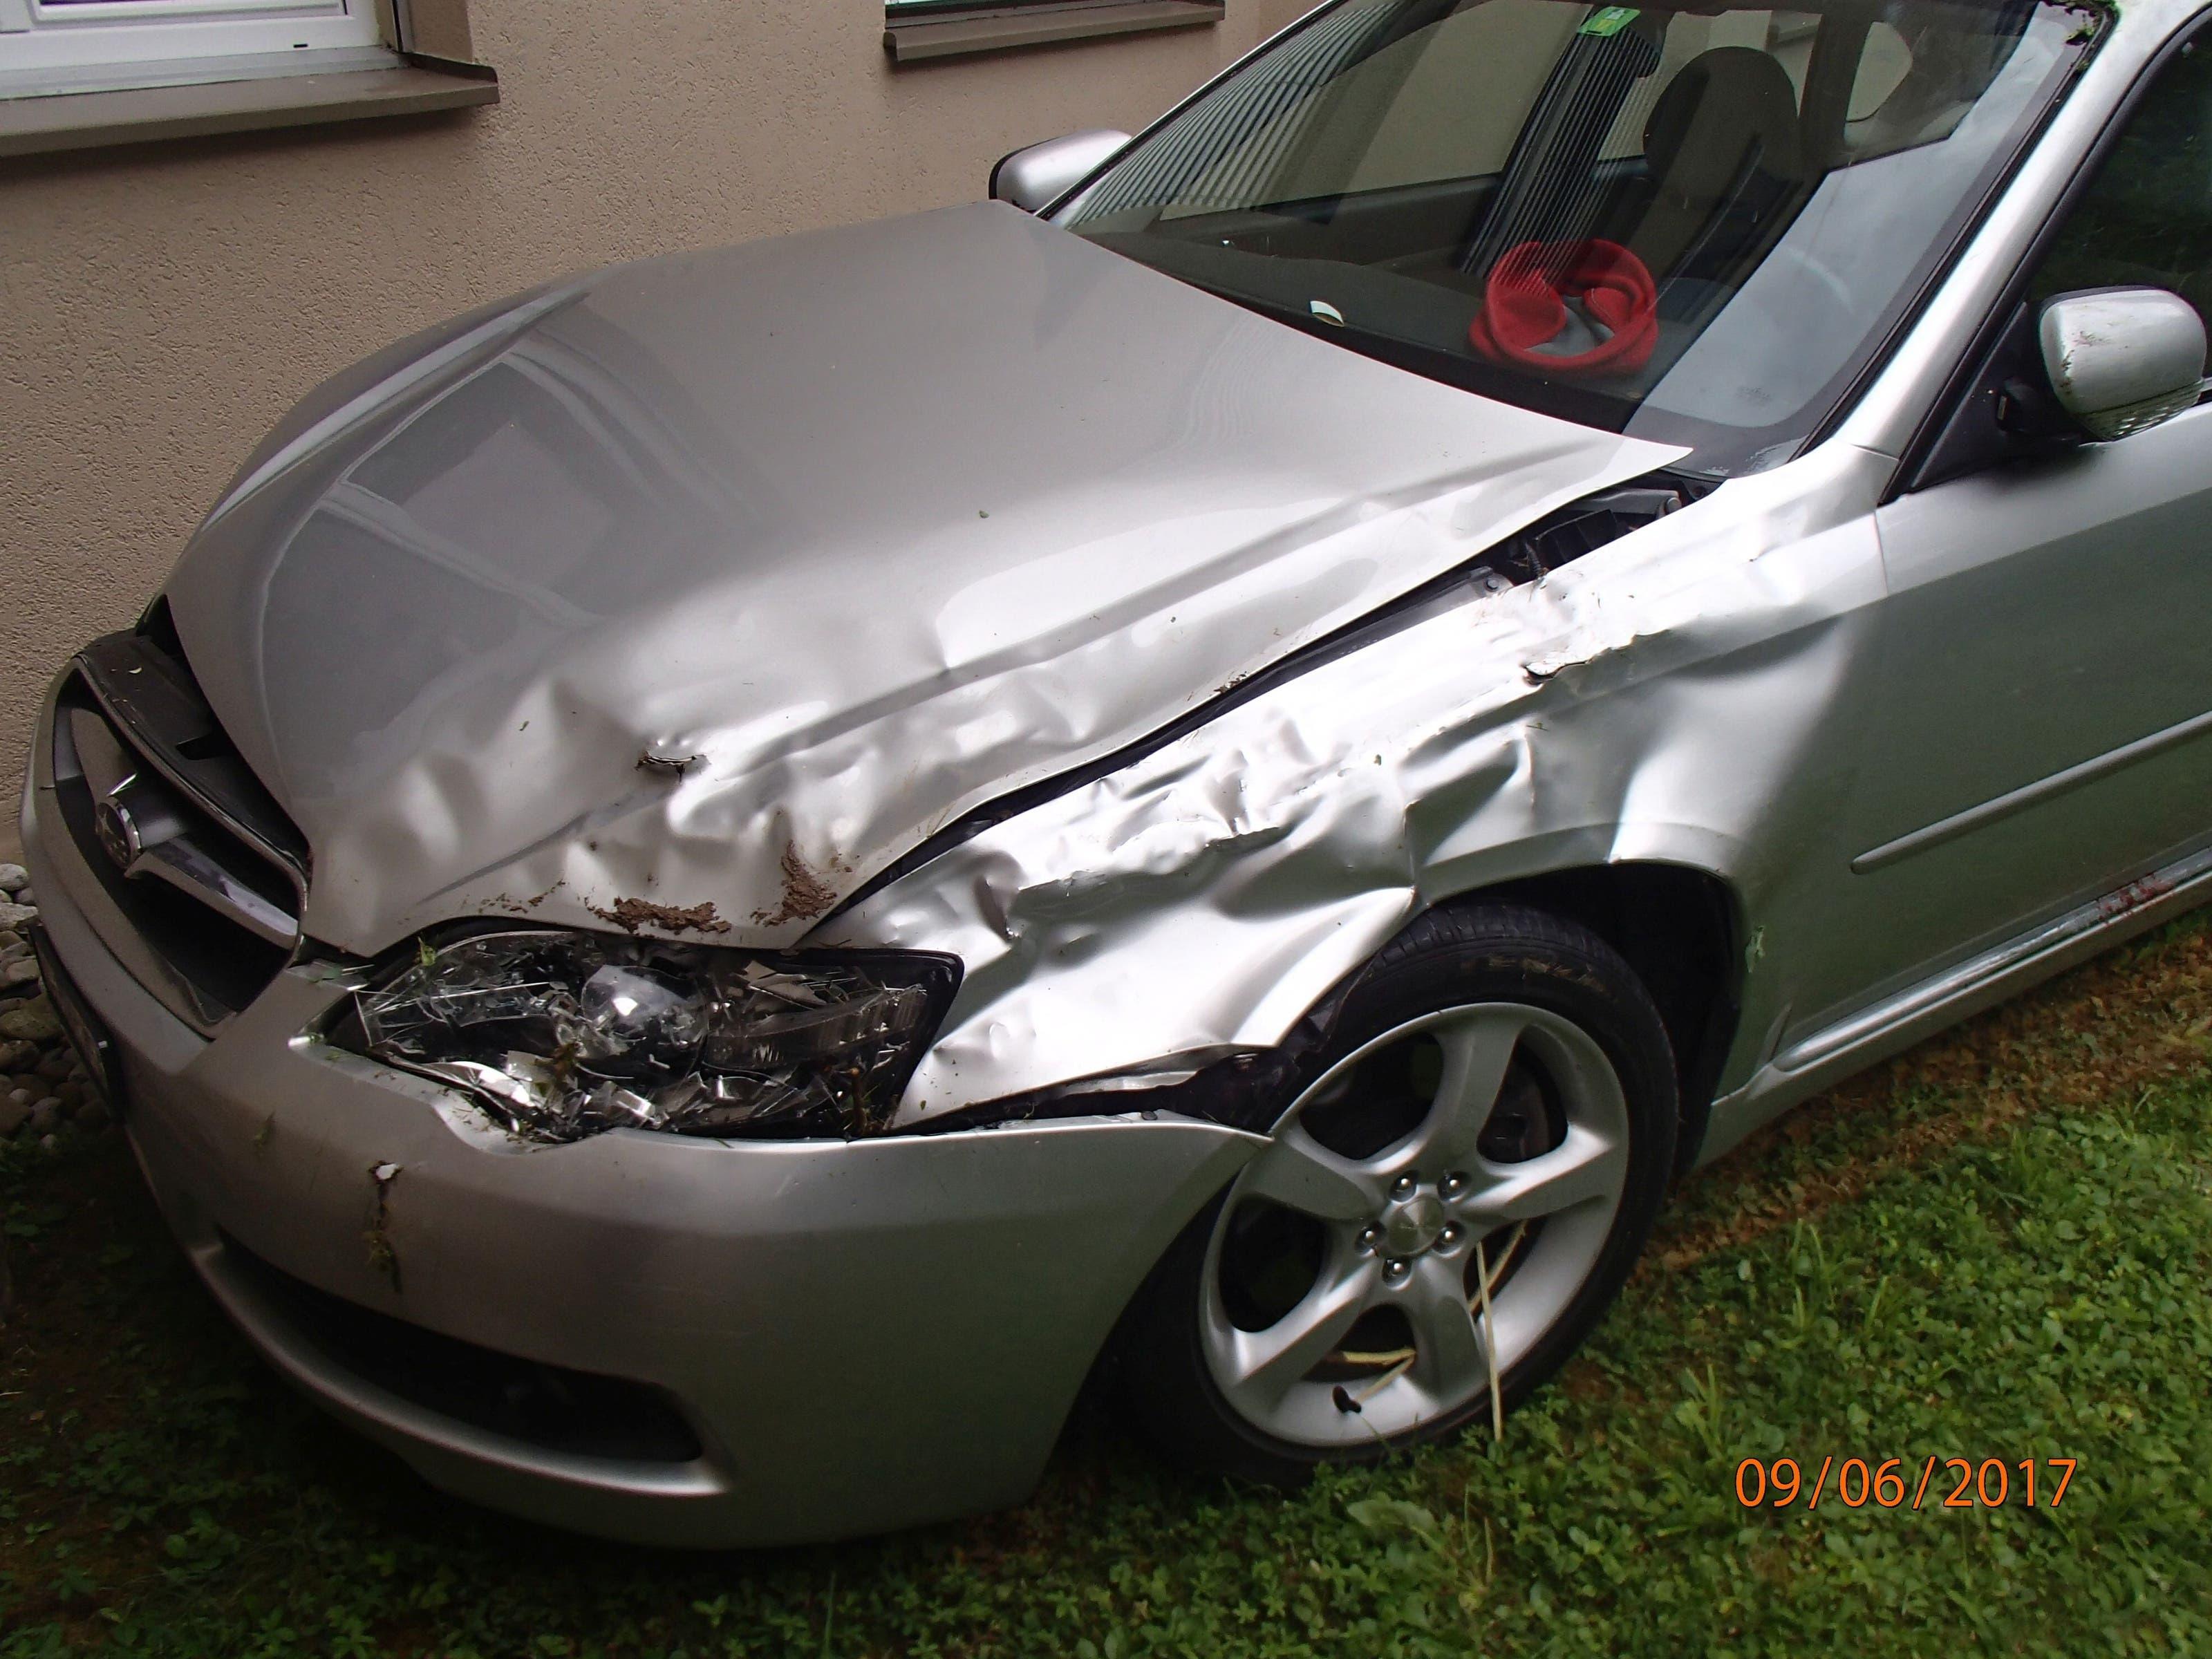 Am Subaru entstand beträchtlicher Schaden. Zudem wurde ein Kandelaber beschädigt.